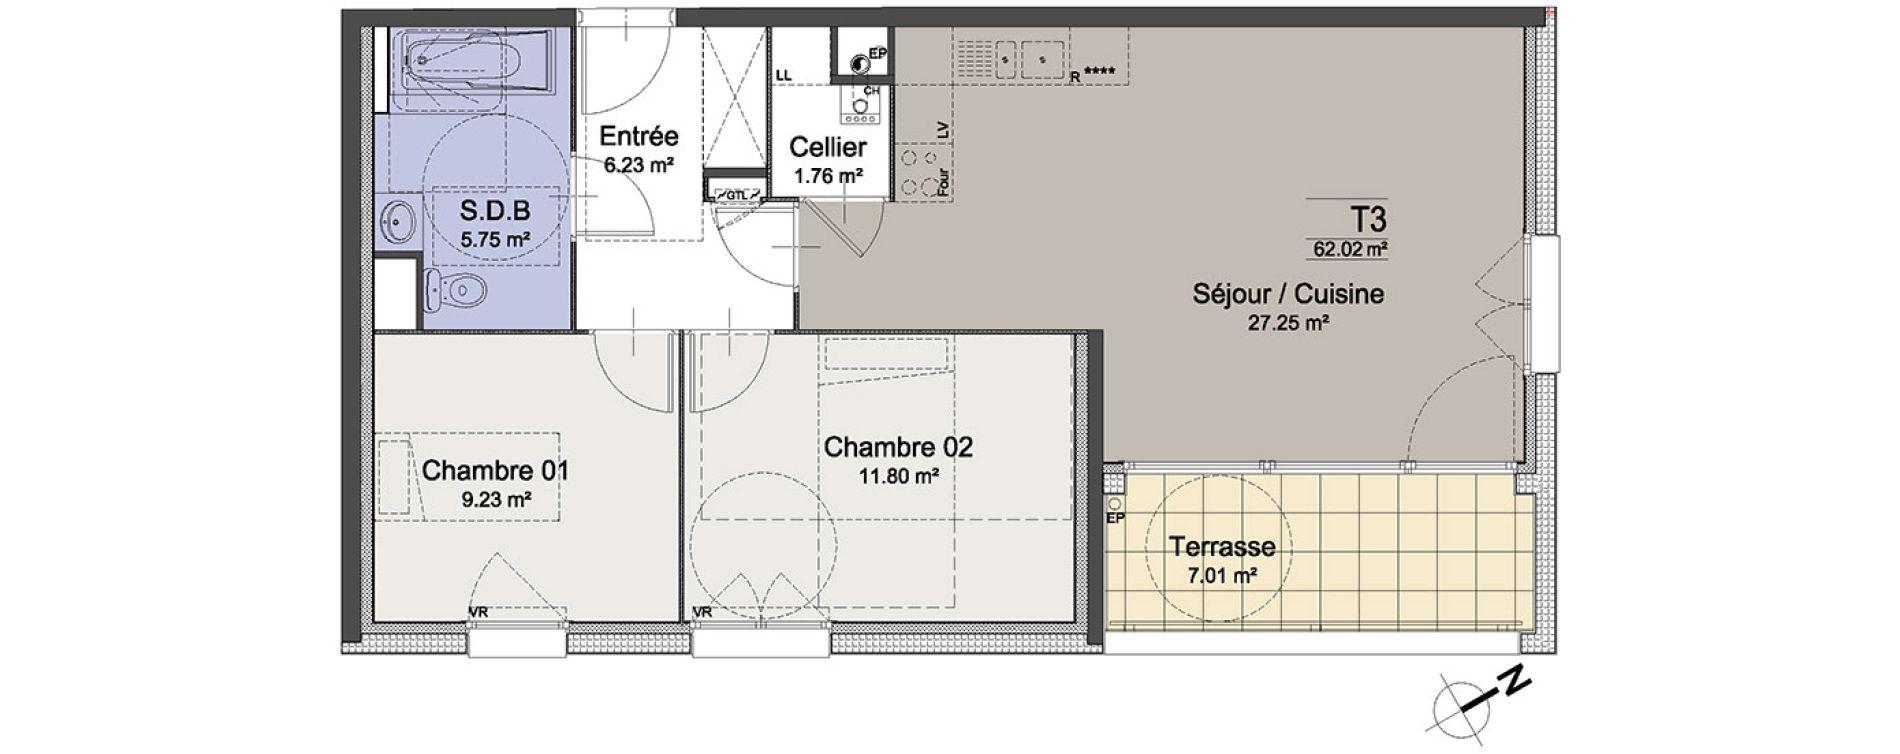 Appartement T3 de 62,02 m2 à Roubaix Roubaix vauban